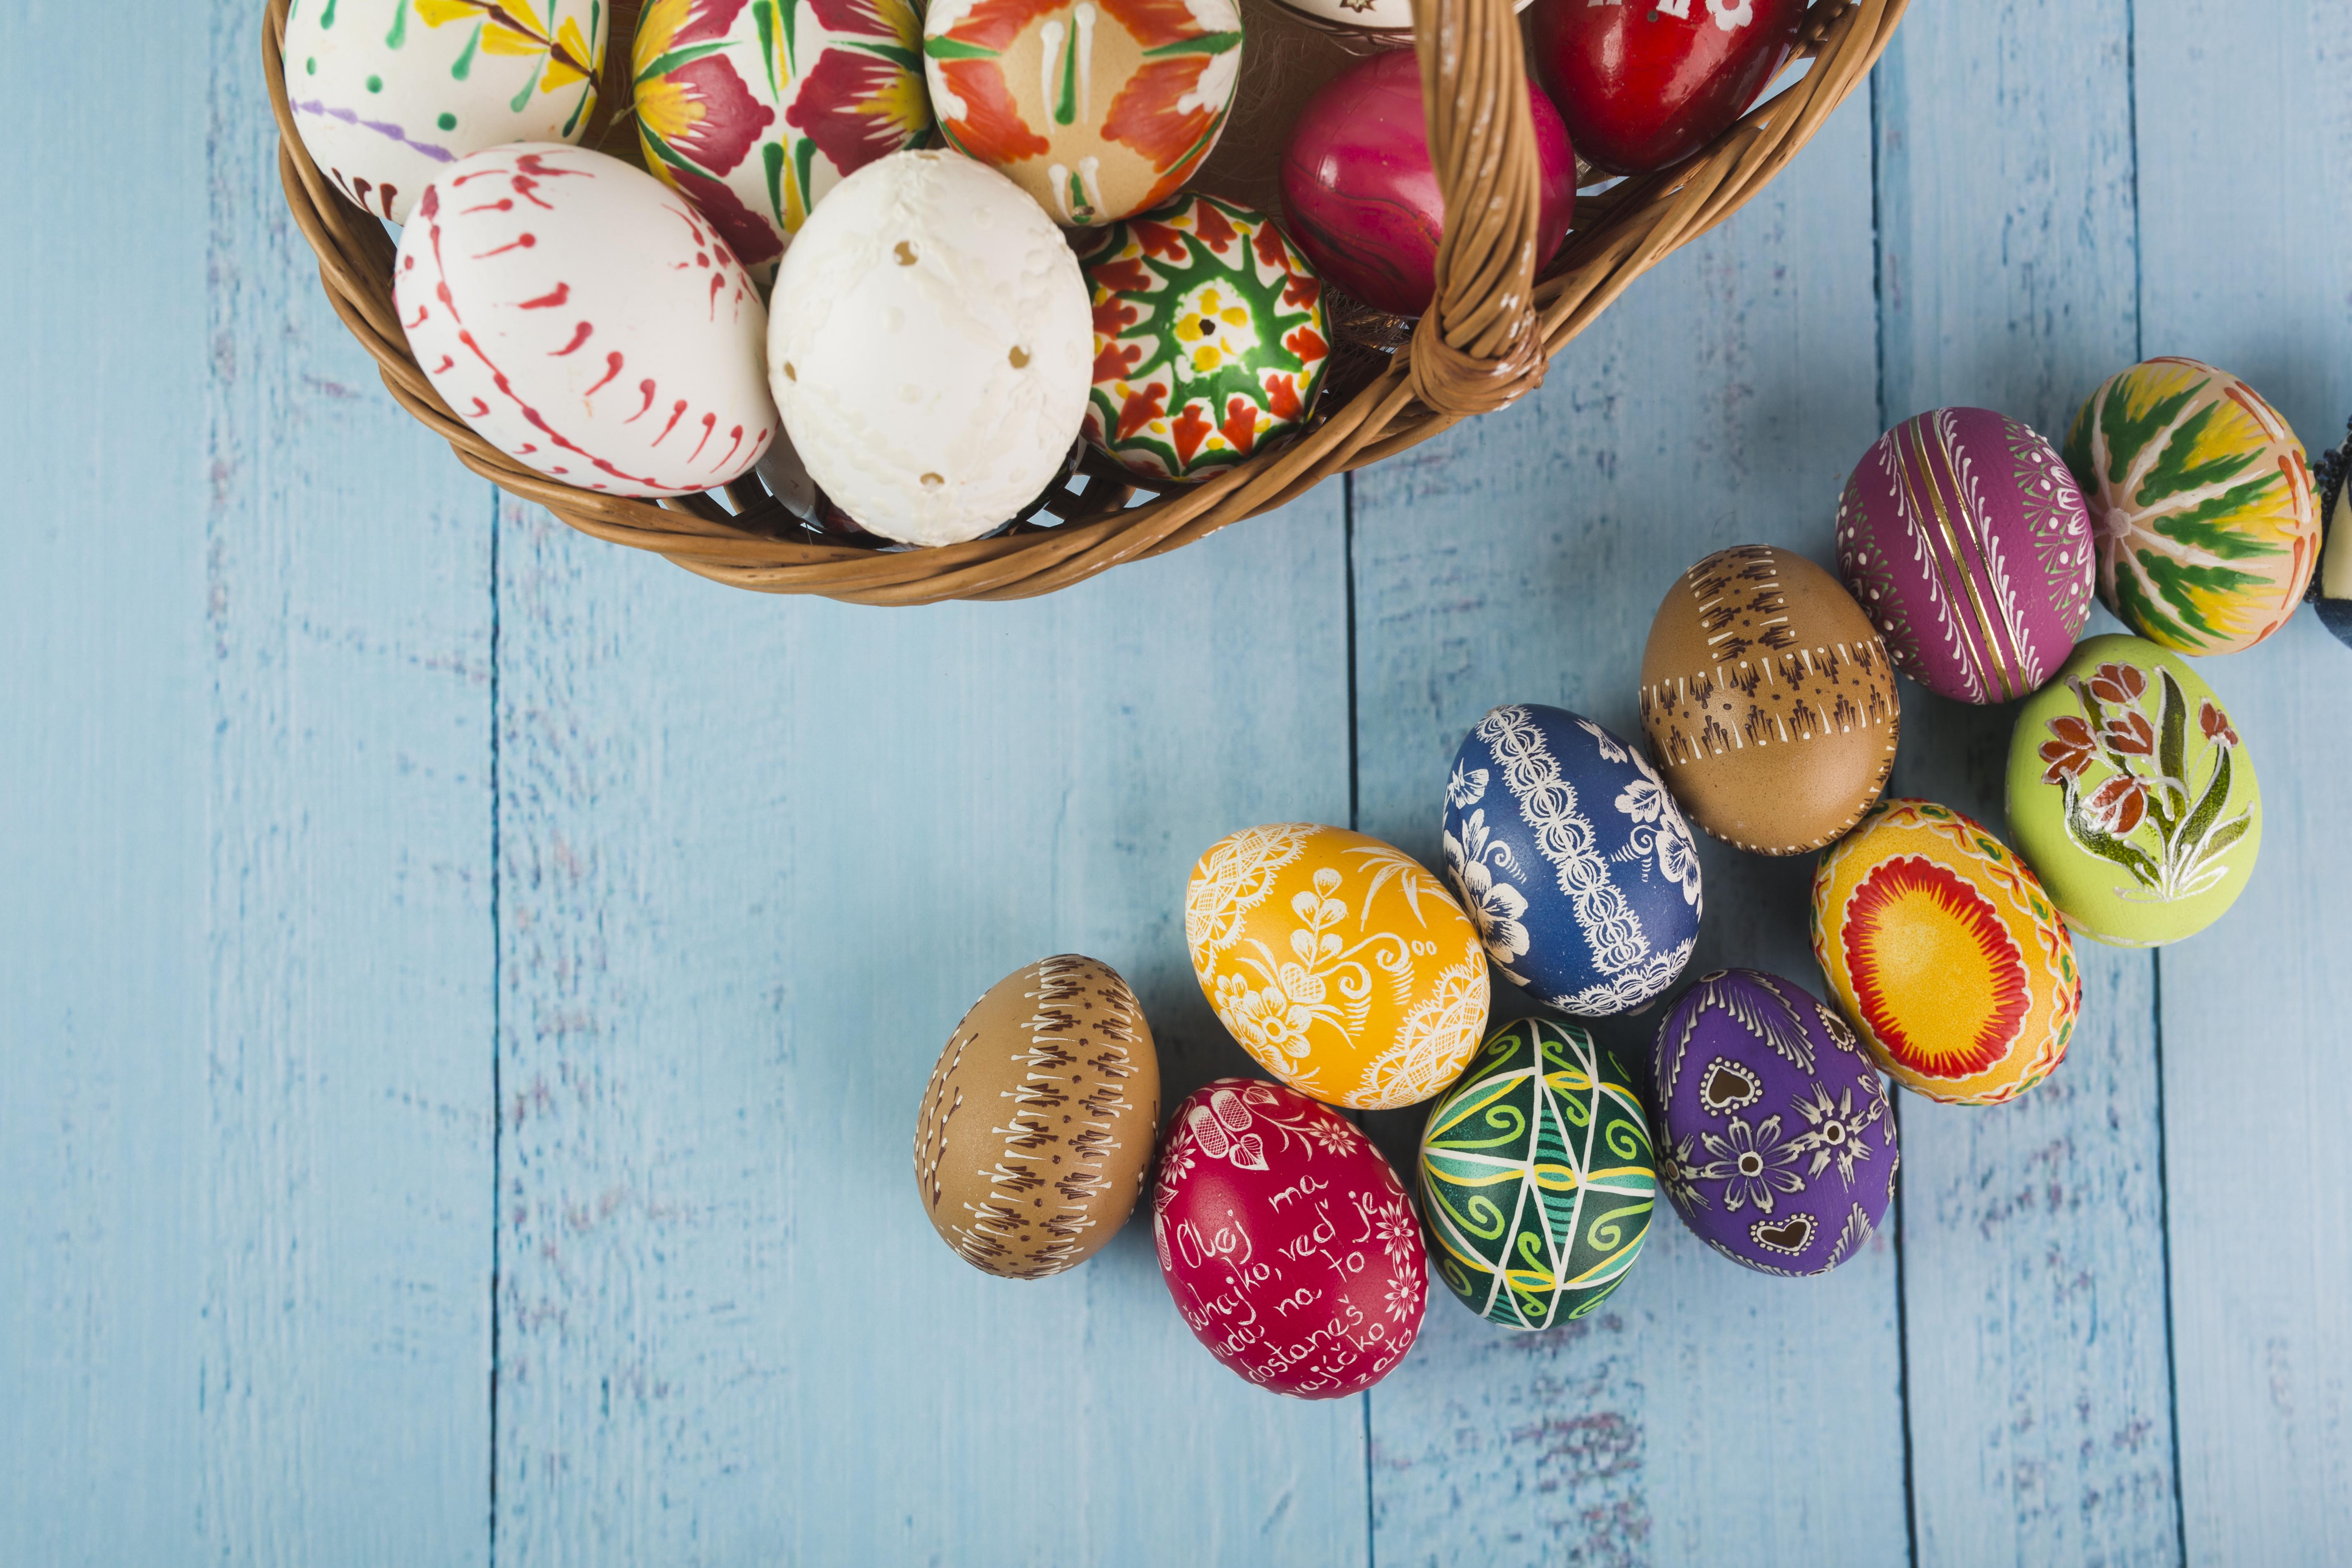 Картинки Пасха яйцами Доски Дизайн 5700x3800 яиц Яйца яйцо дизайна